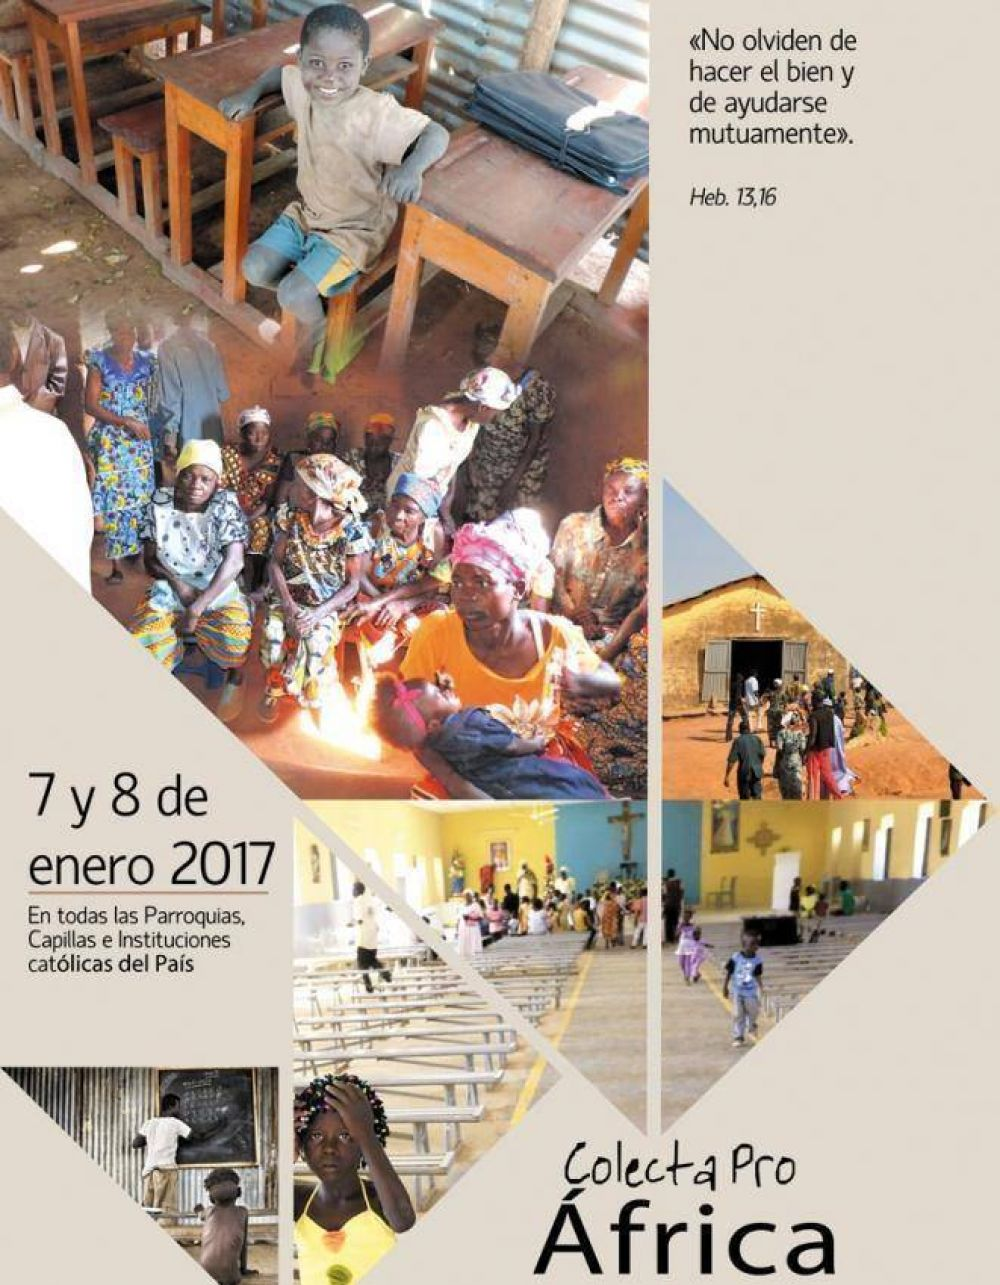 Los días 7 y 8 de enero se hará la Colecta Misionera por África